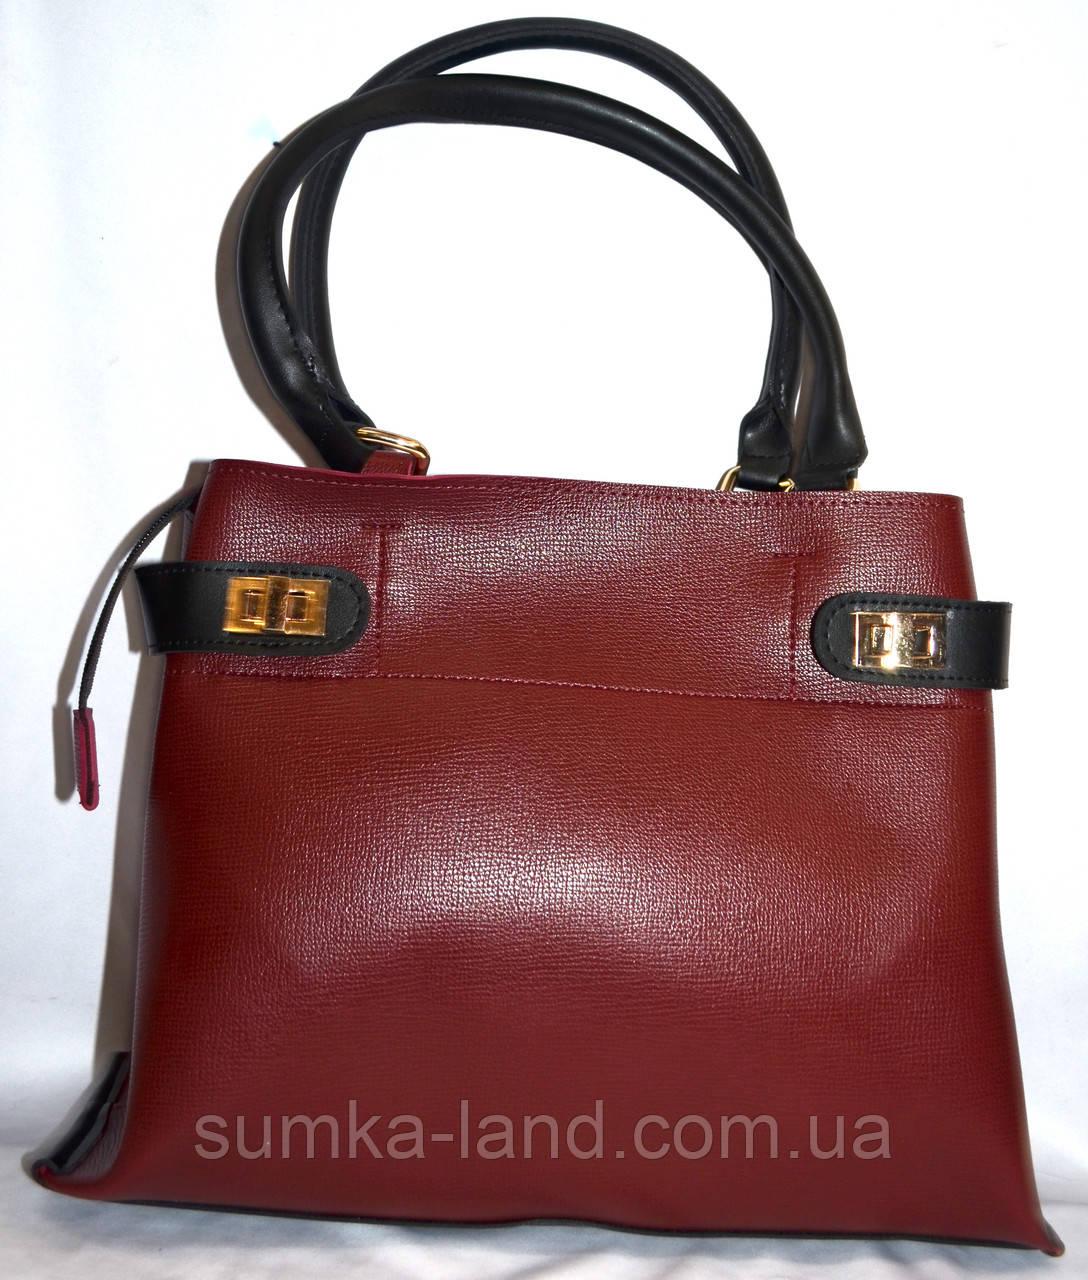 Женская бордовая сумка класса Люкс 35*26 см